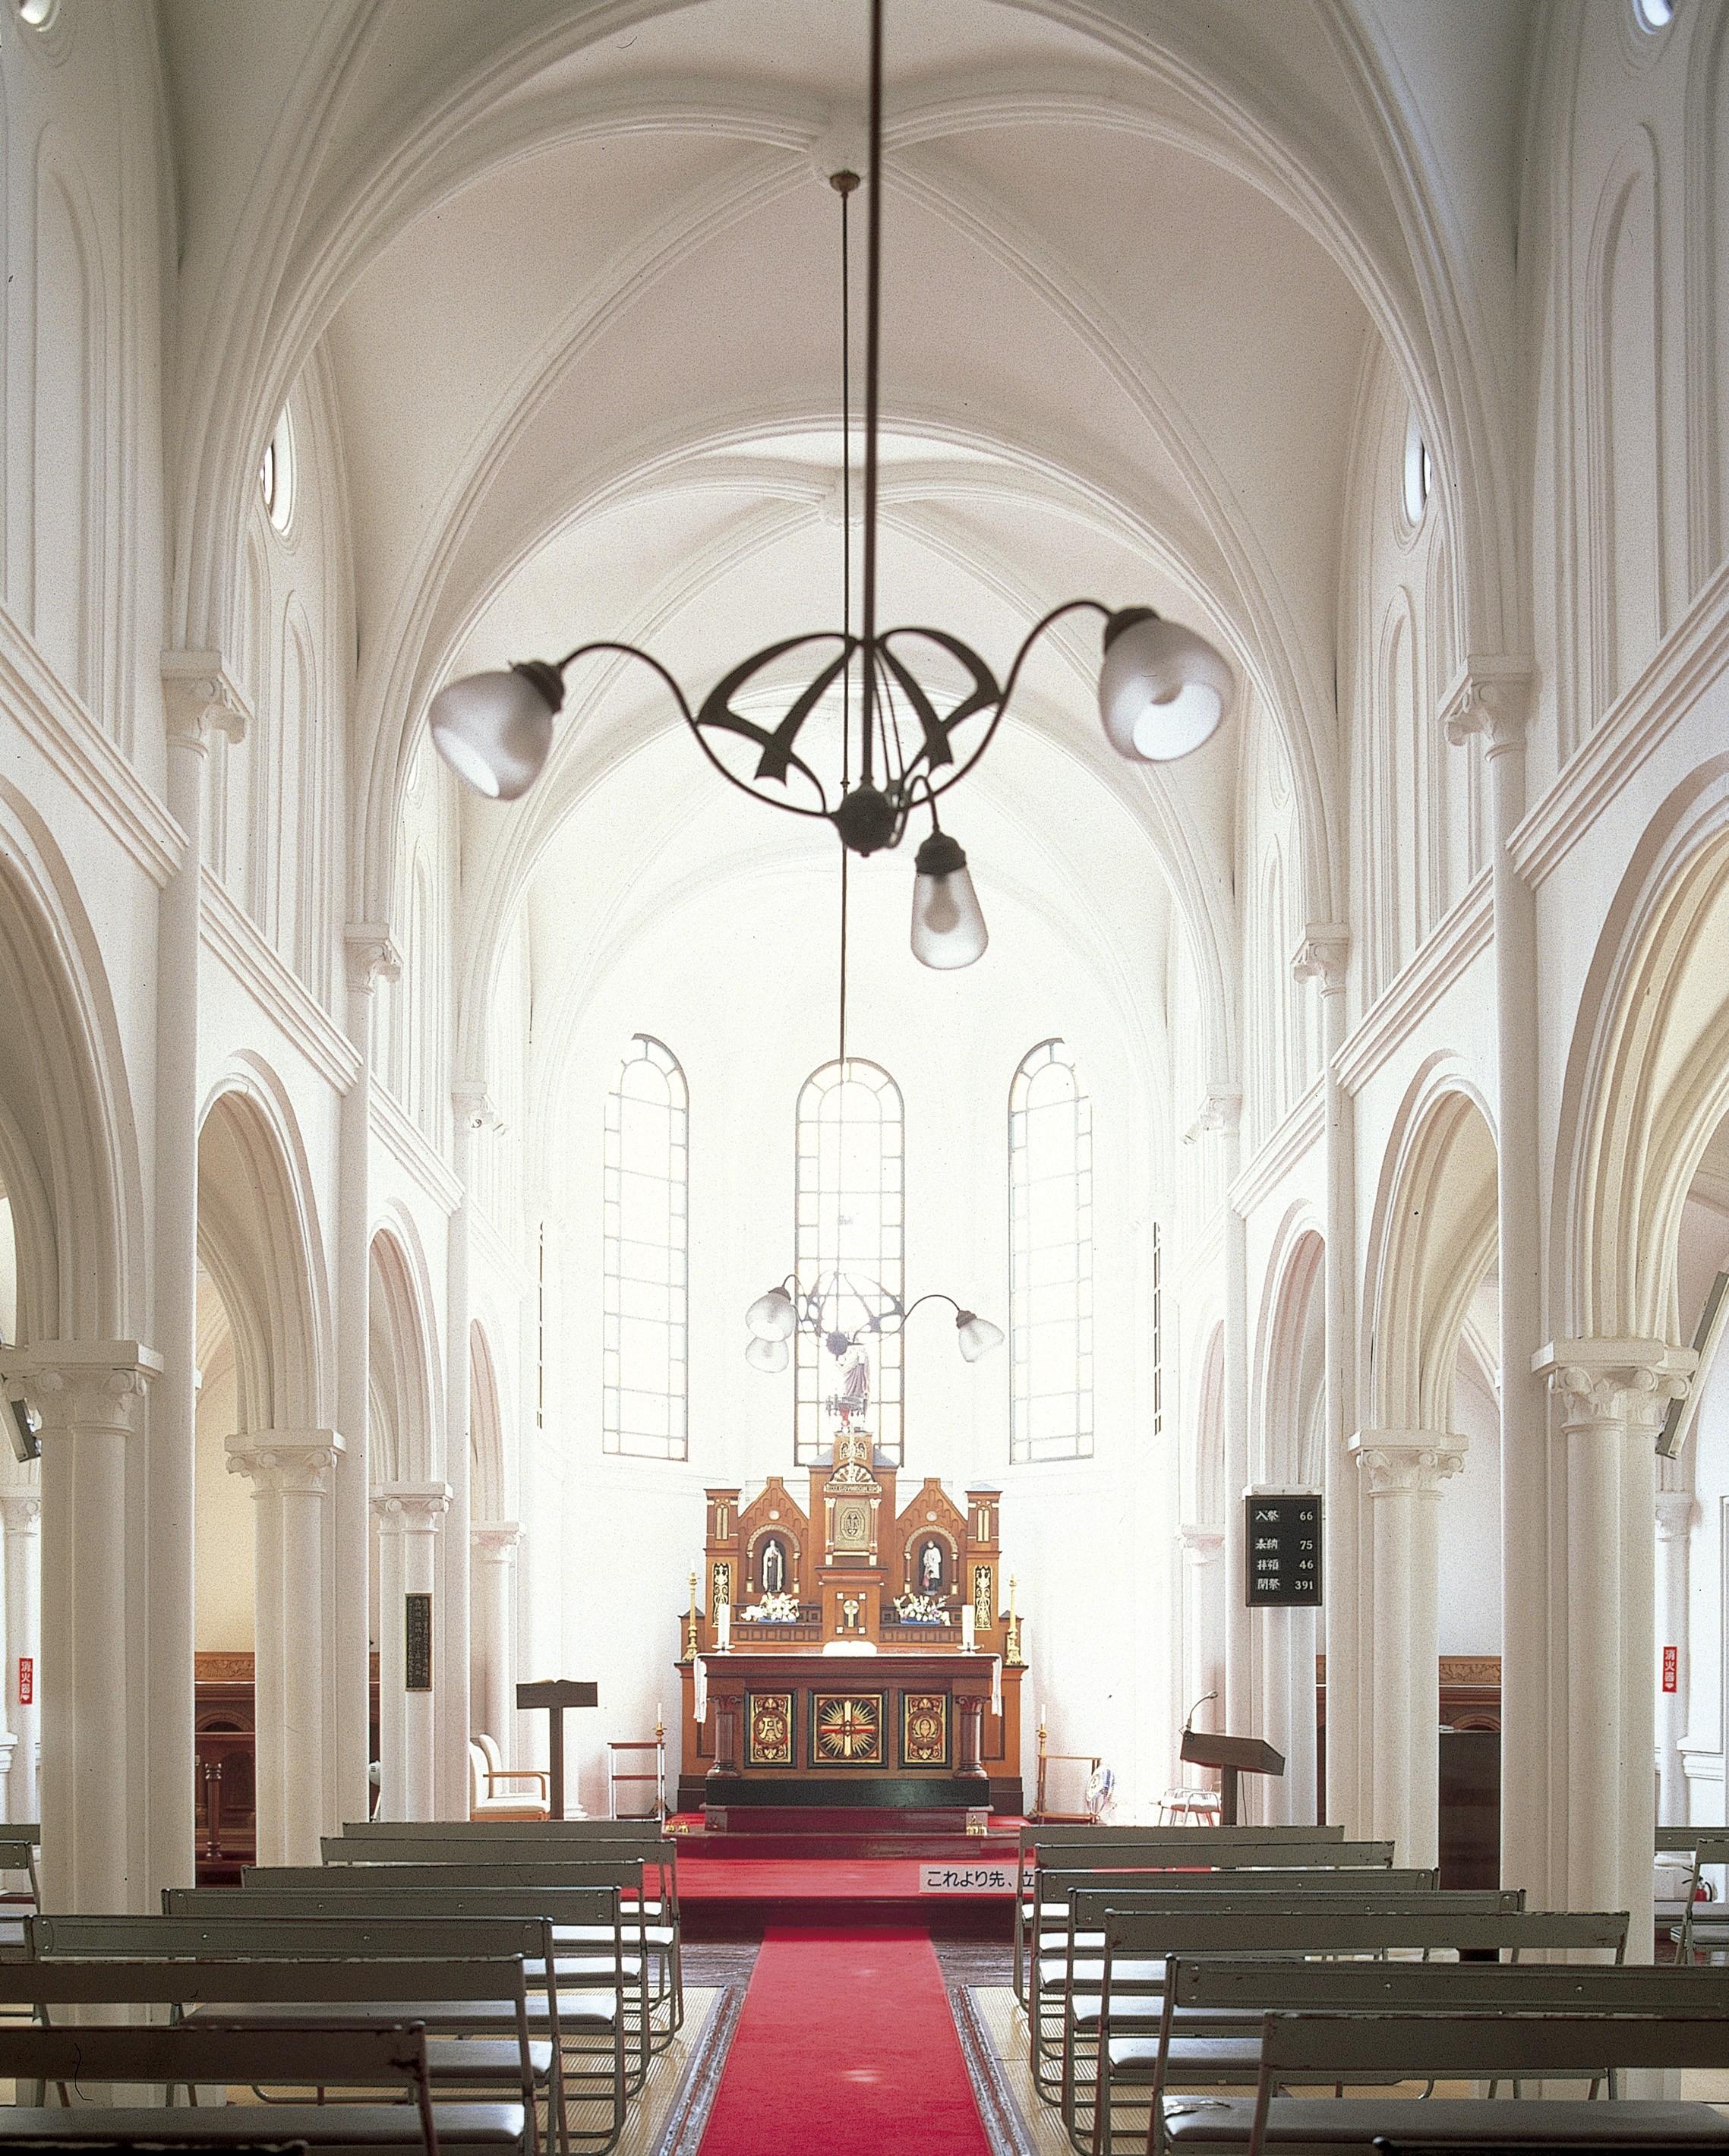 鶴岡カトリック教会 天主堂 – つるおか観光ナビ